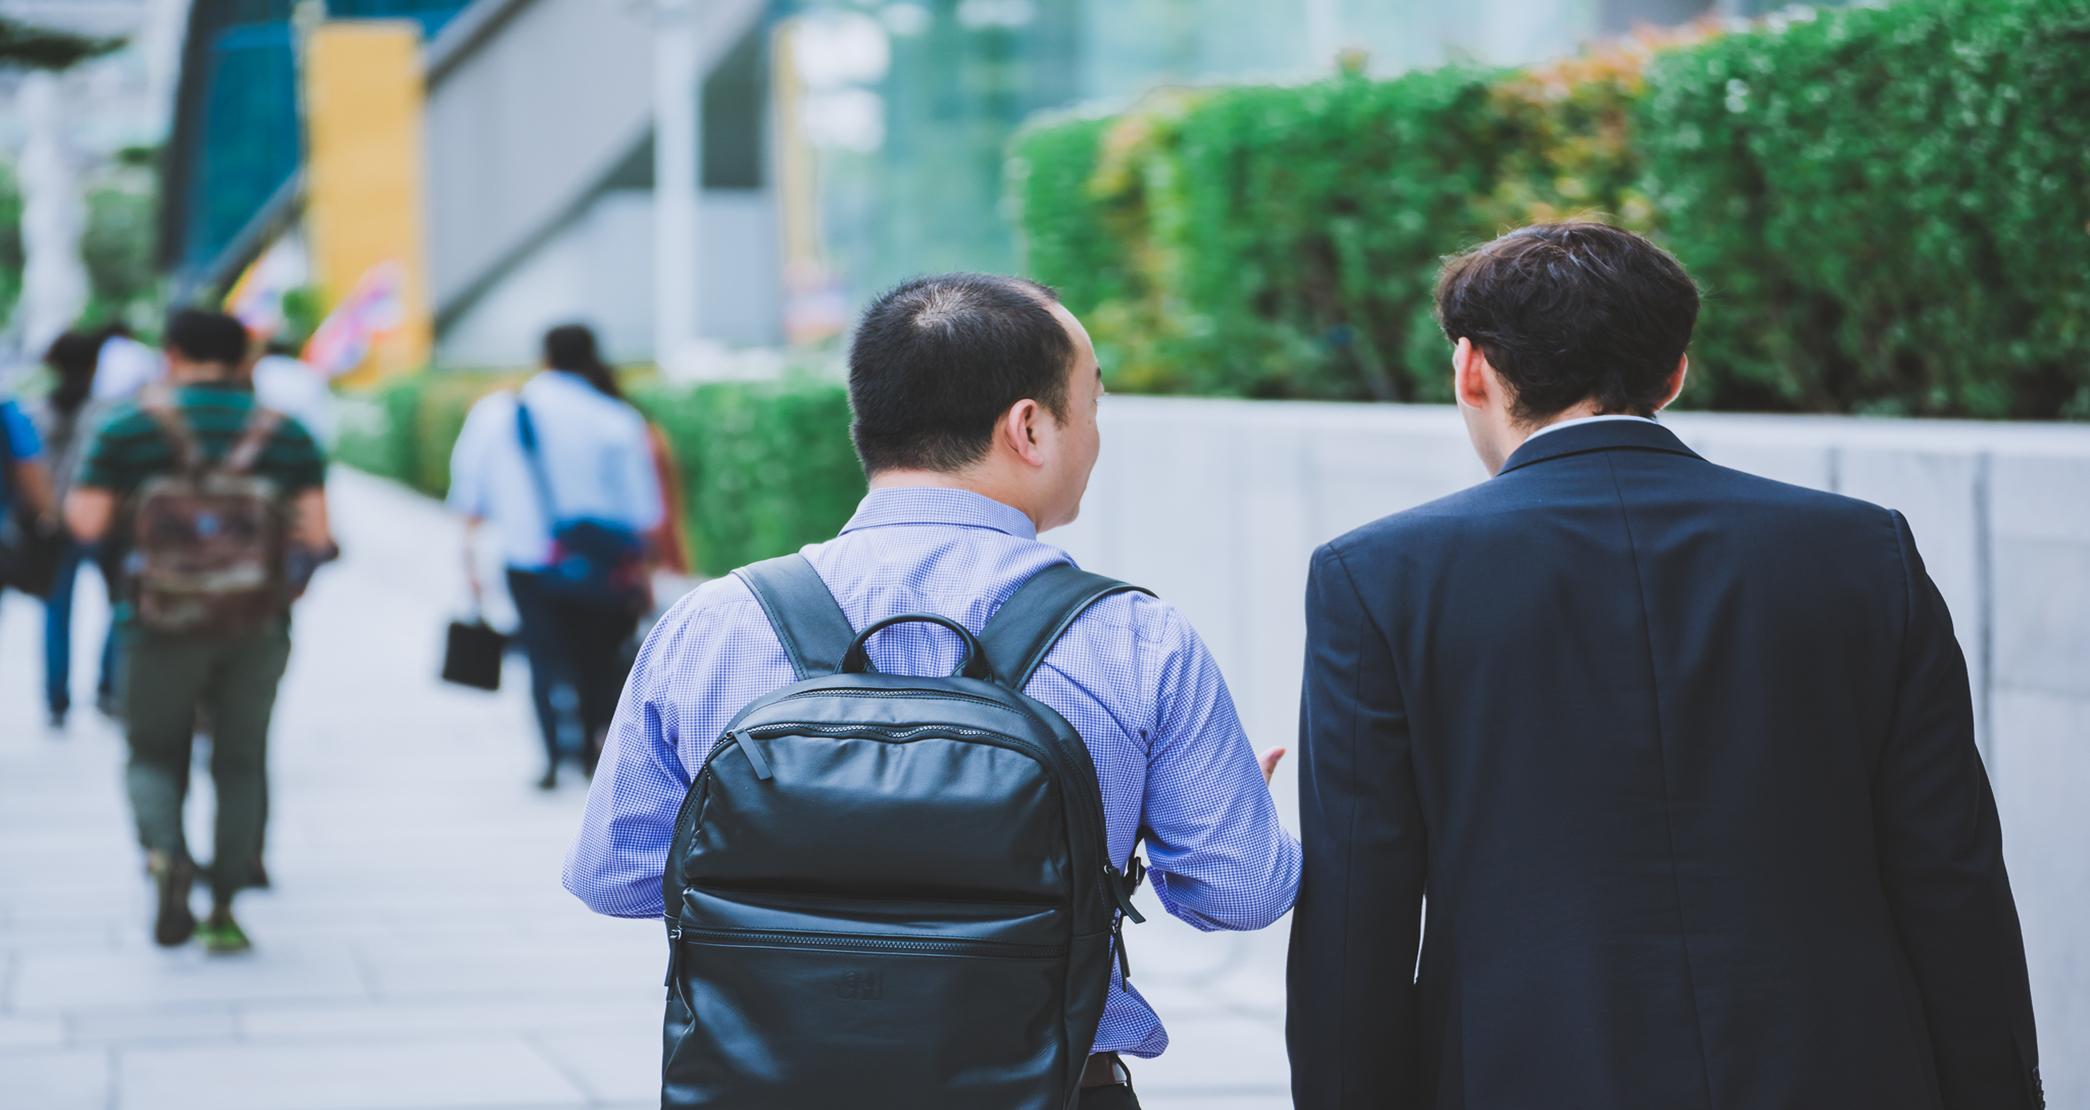 รูปบทความ CBRE เผยความต้องการอสังหาริมทรัพย์ไทยจากจีนเพิ่มมากขึ้น